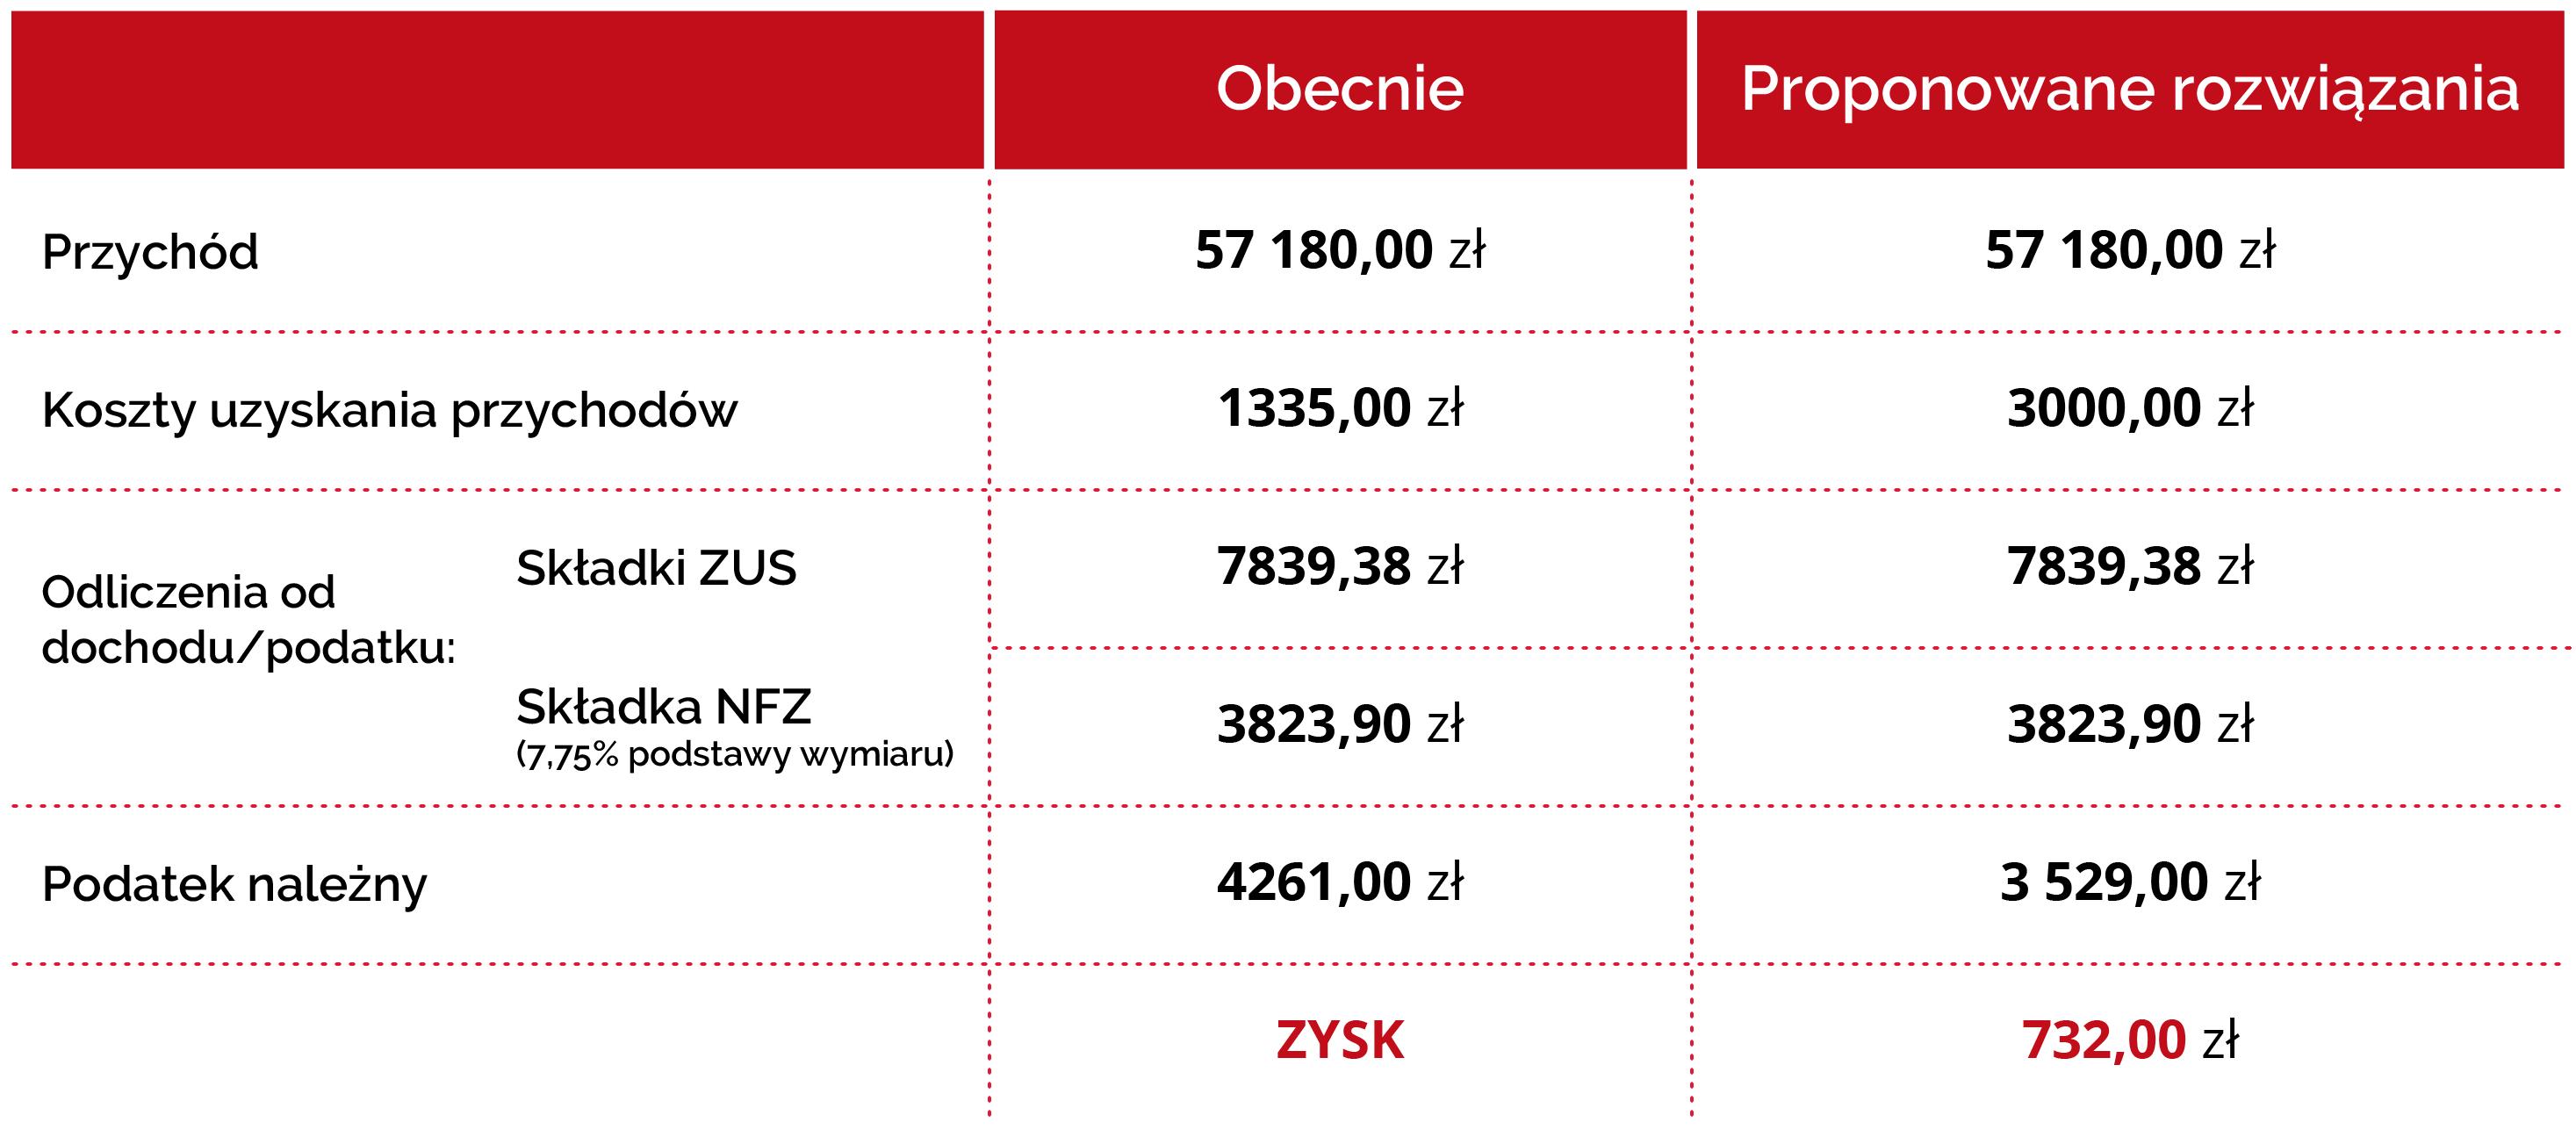 Grafika pokazuje przykładowy zysk podatnika na podwyższeniu kosztów uzyskania przychodów